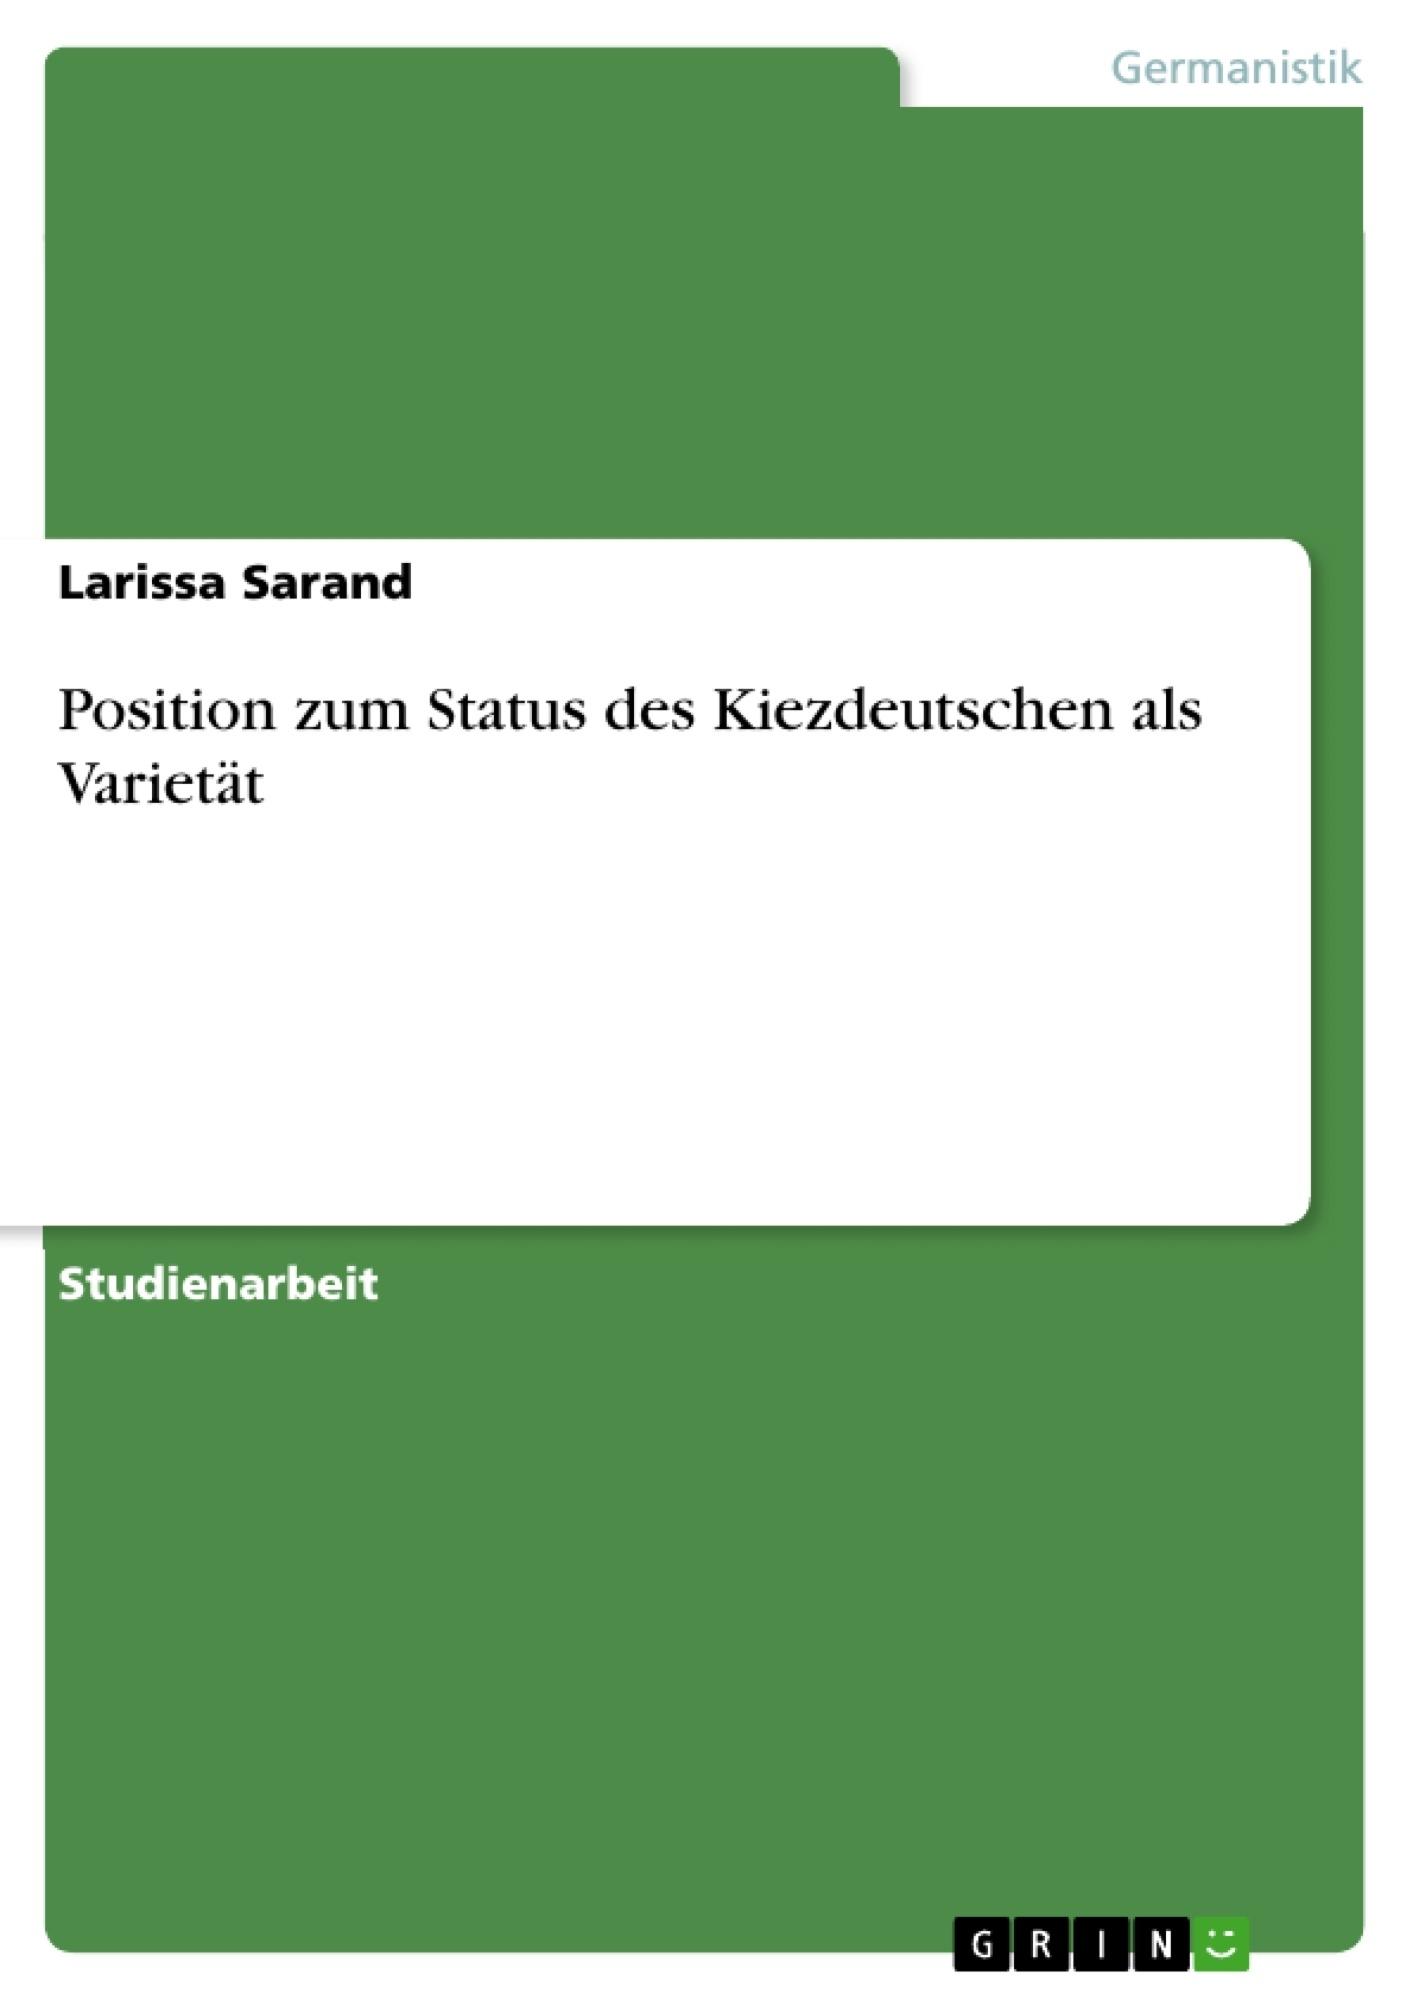 Titel: Position zum Status des Kiezdeutschen als Varietät